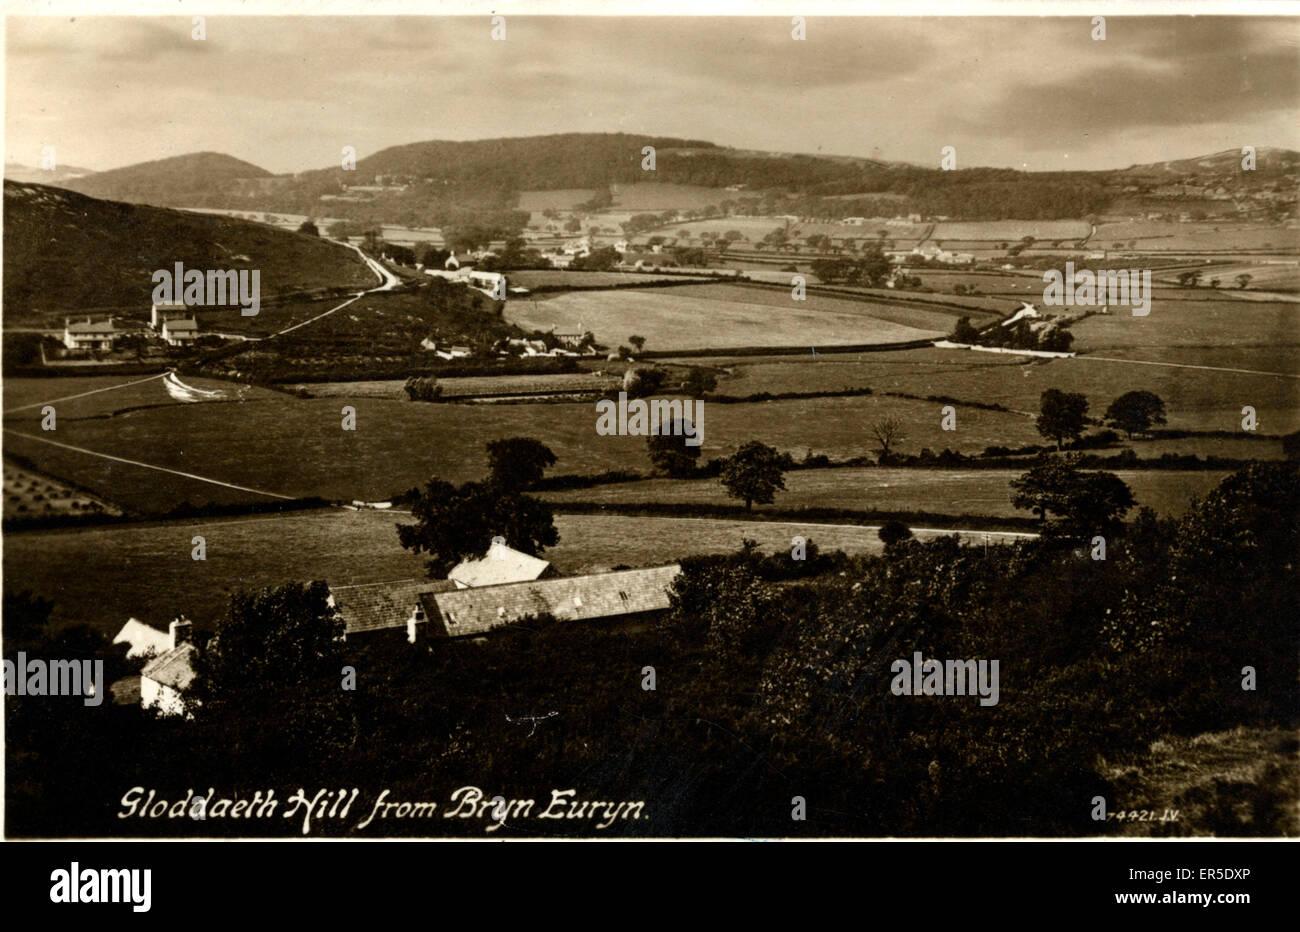 Gloddaeth Hill from Bryn Euryn, Colwyn Bay, near Rhos on Sea, Conwy/Clwyd, Wales.  1913 - Stock Image